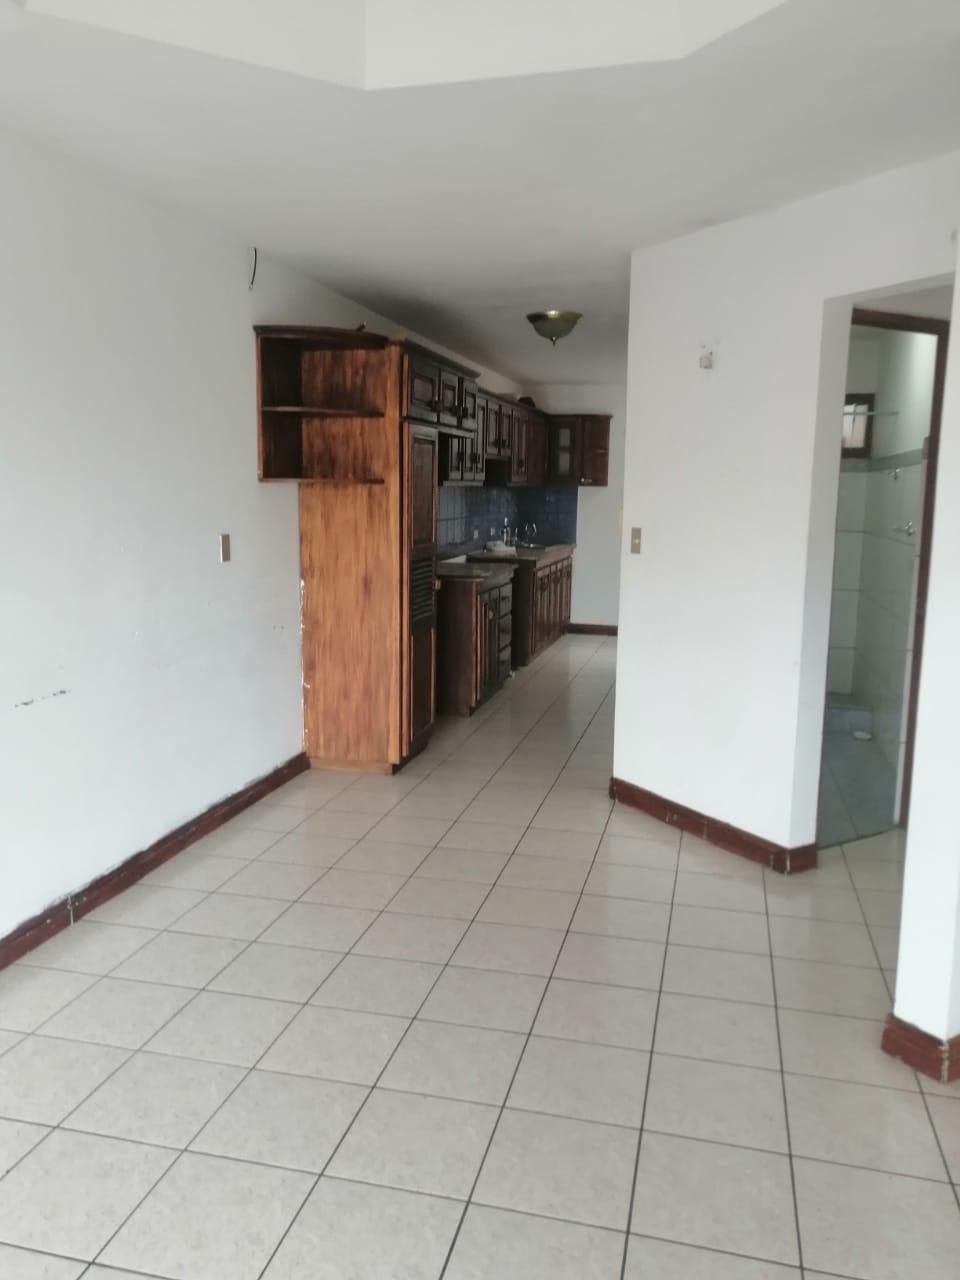 Alquiler de apartamento, Alajuela centro, ¢230.000=